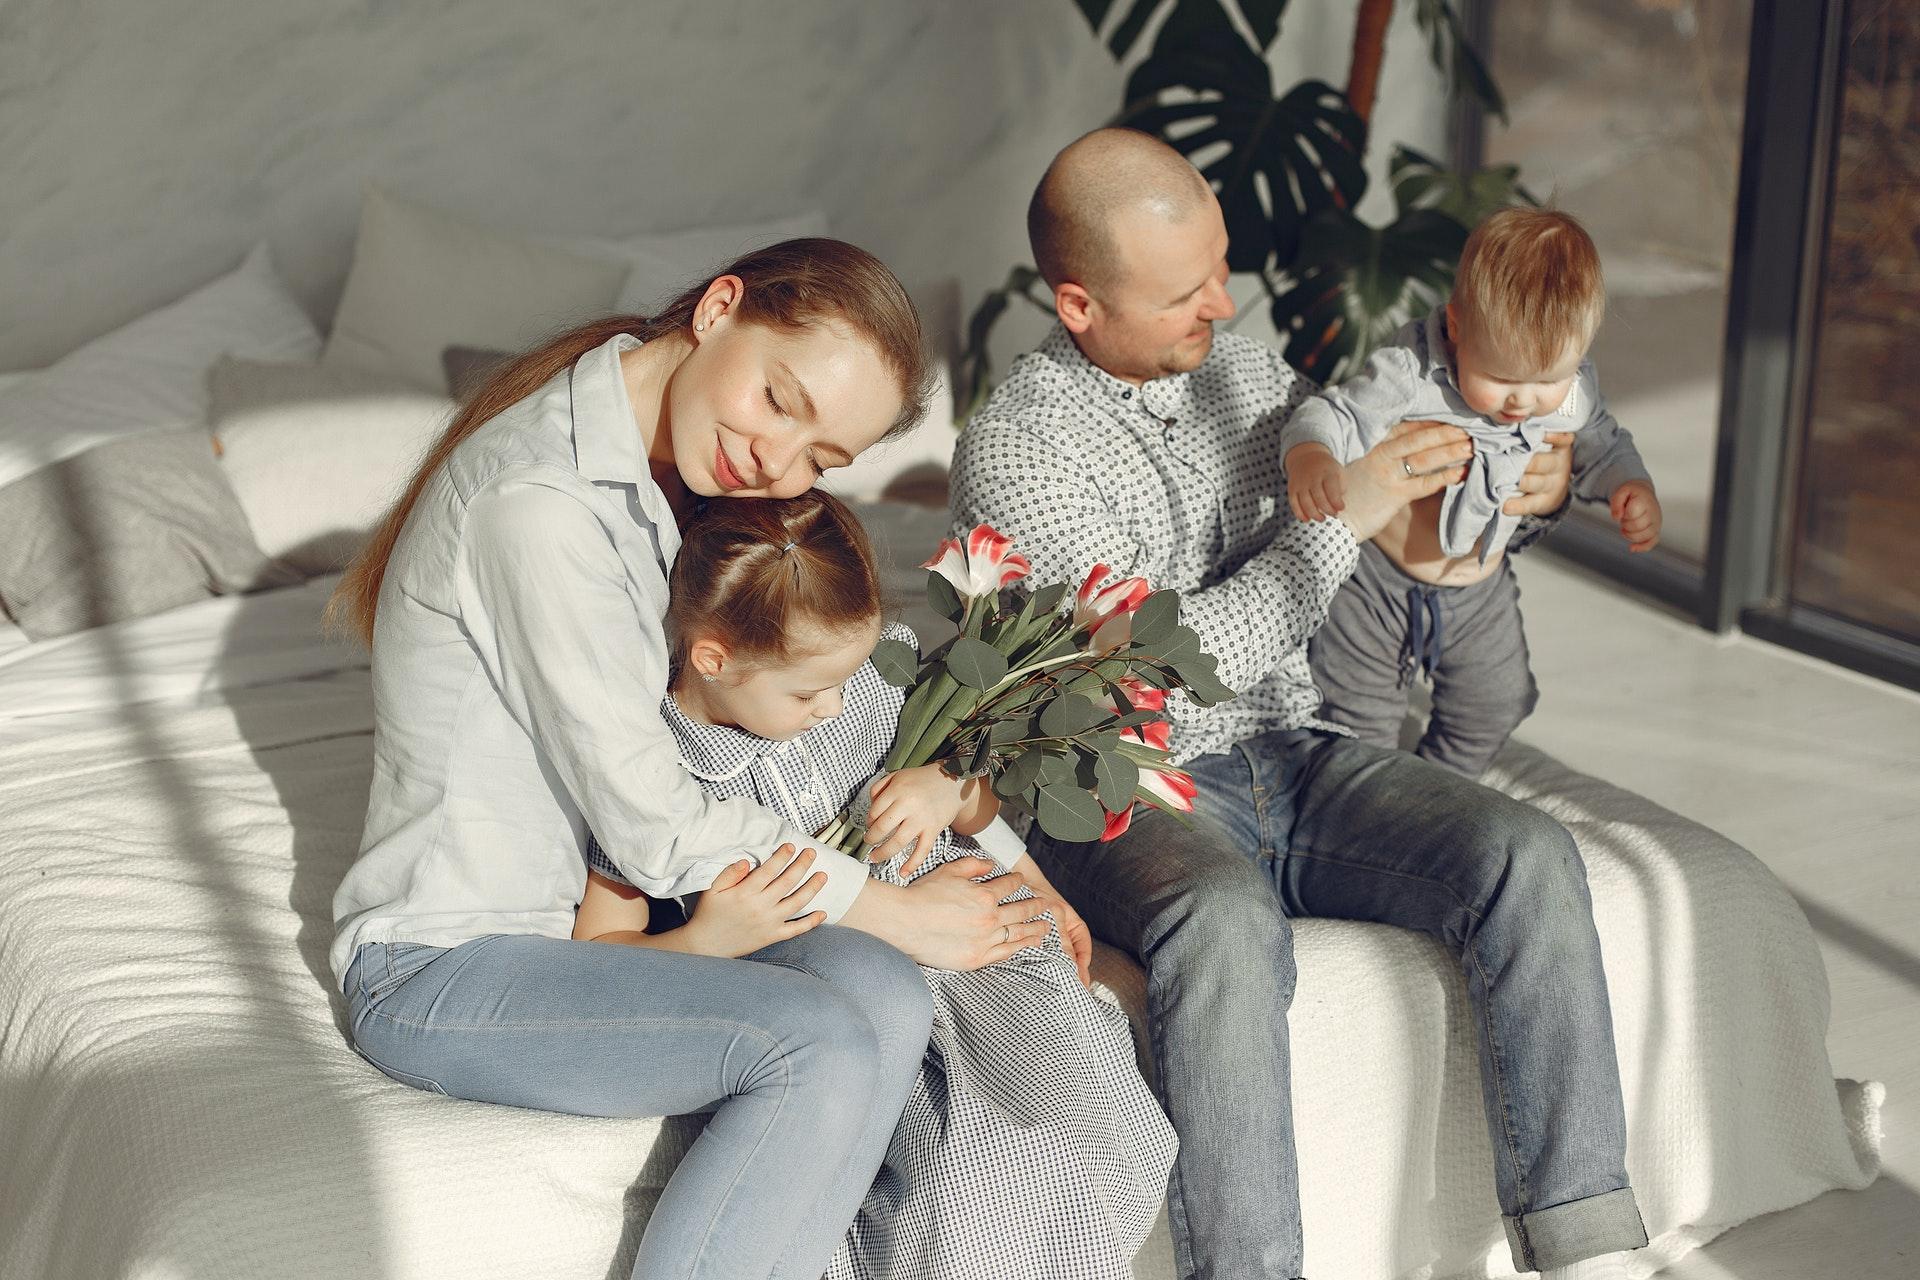 Tener Empatia Despues De Ser Padres